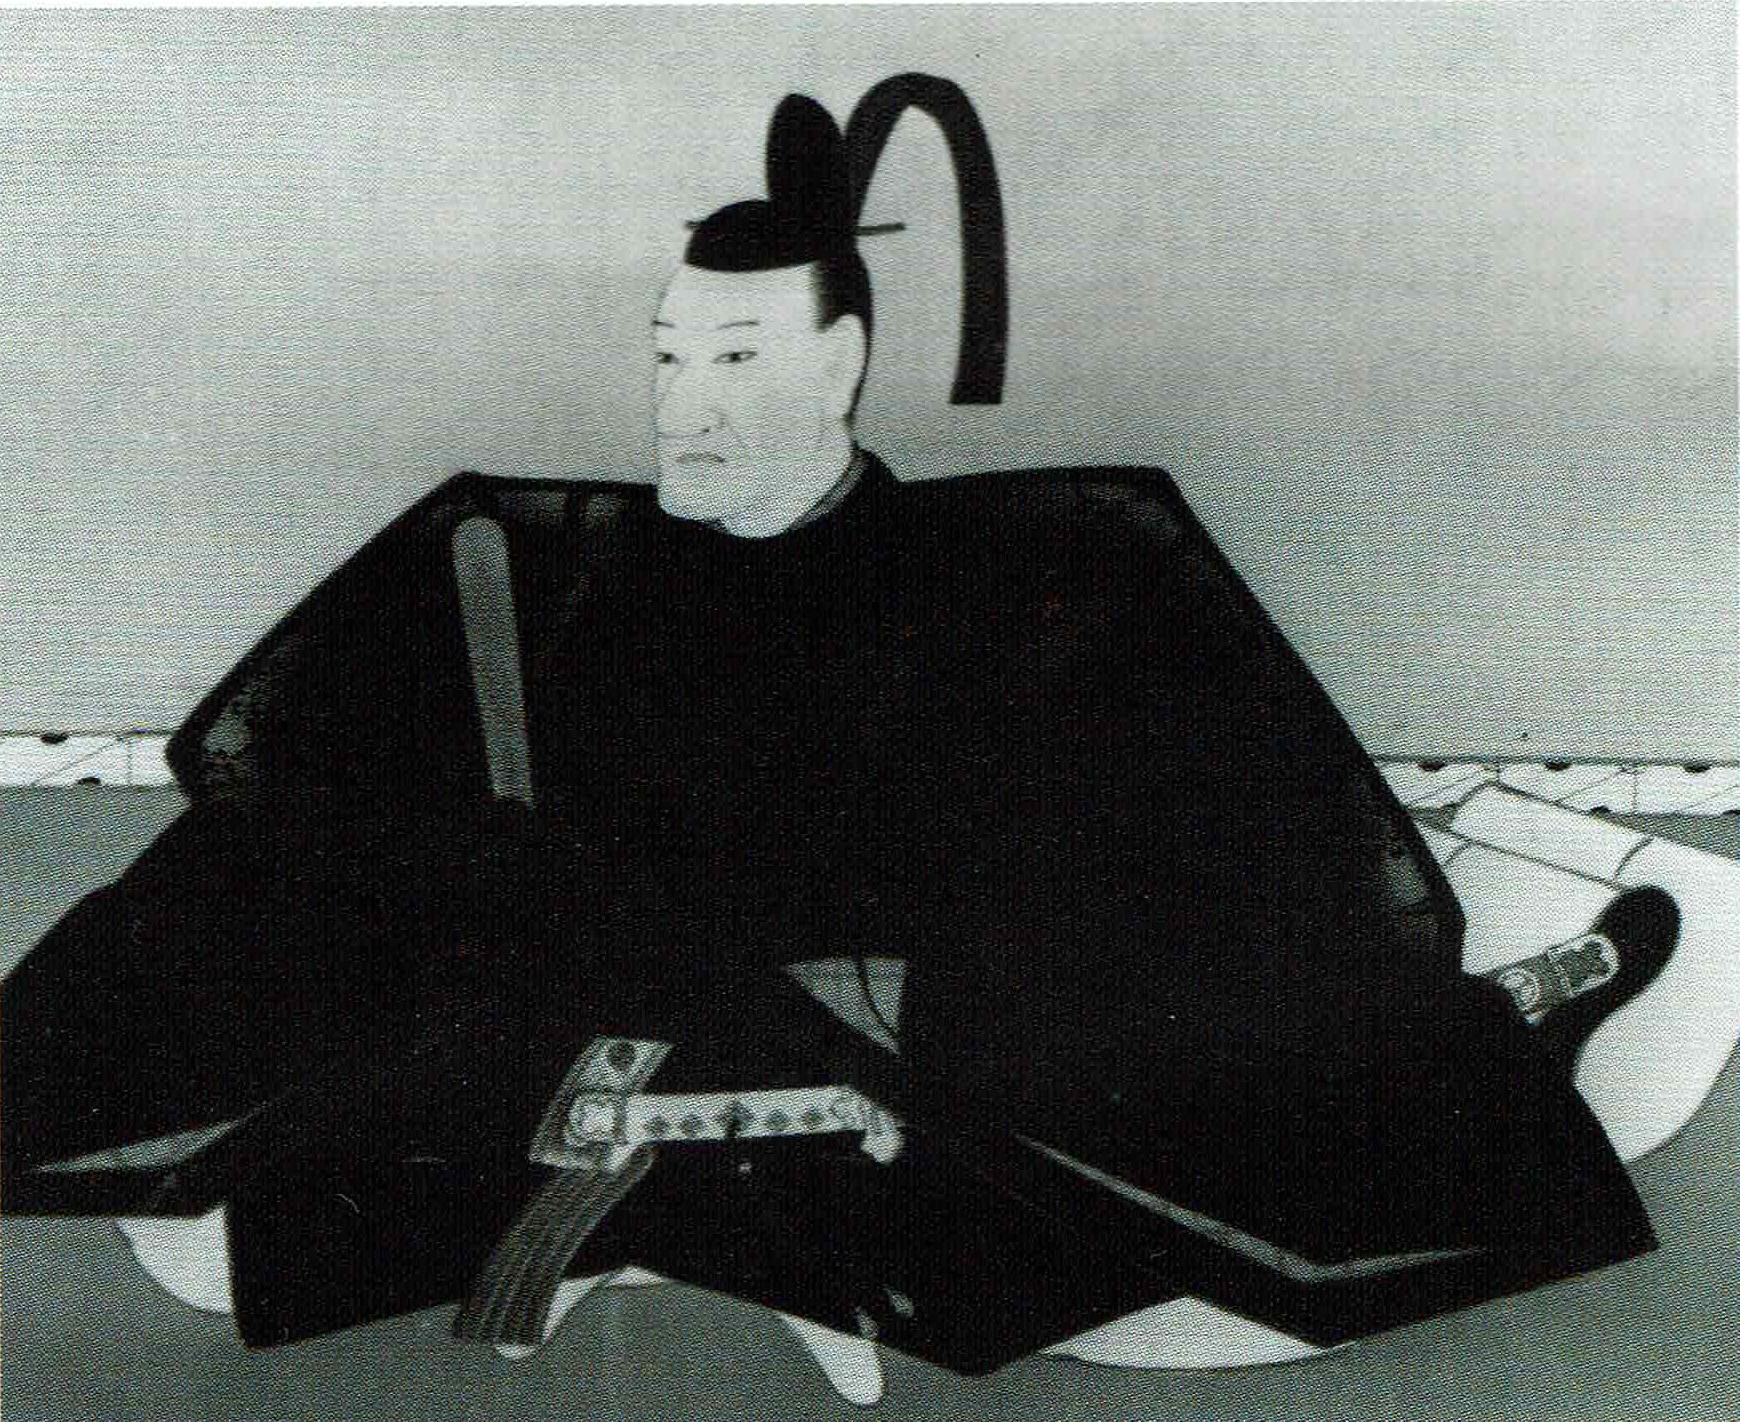 松平勝善(Wikipediaより2020.8.24ダウンロード)の画像。